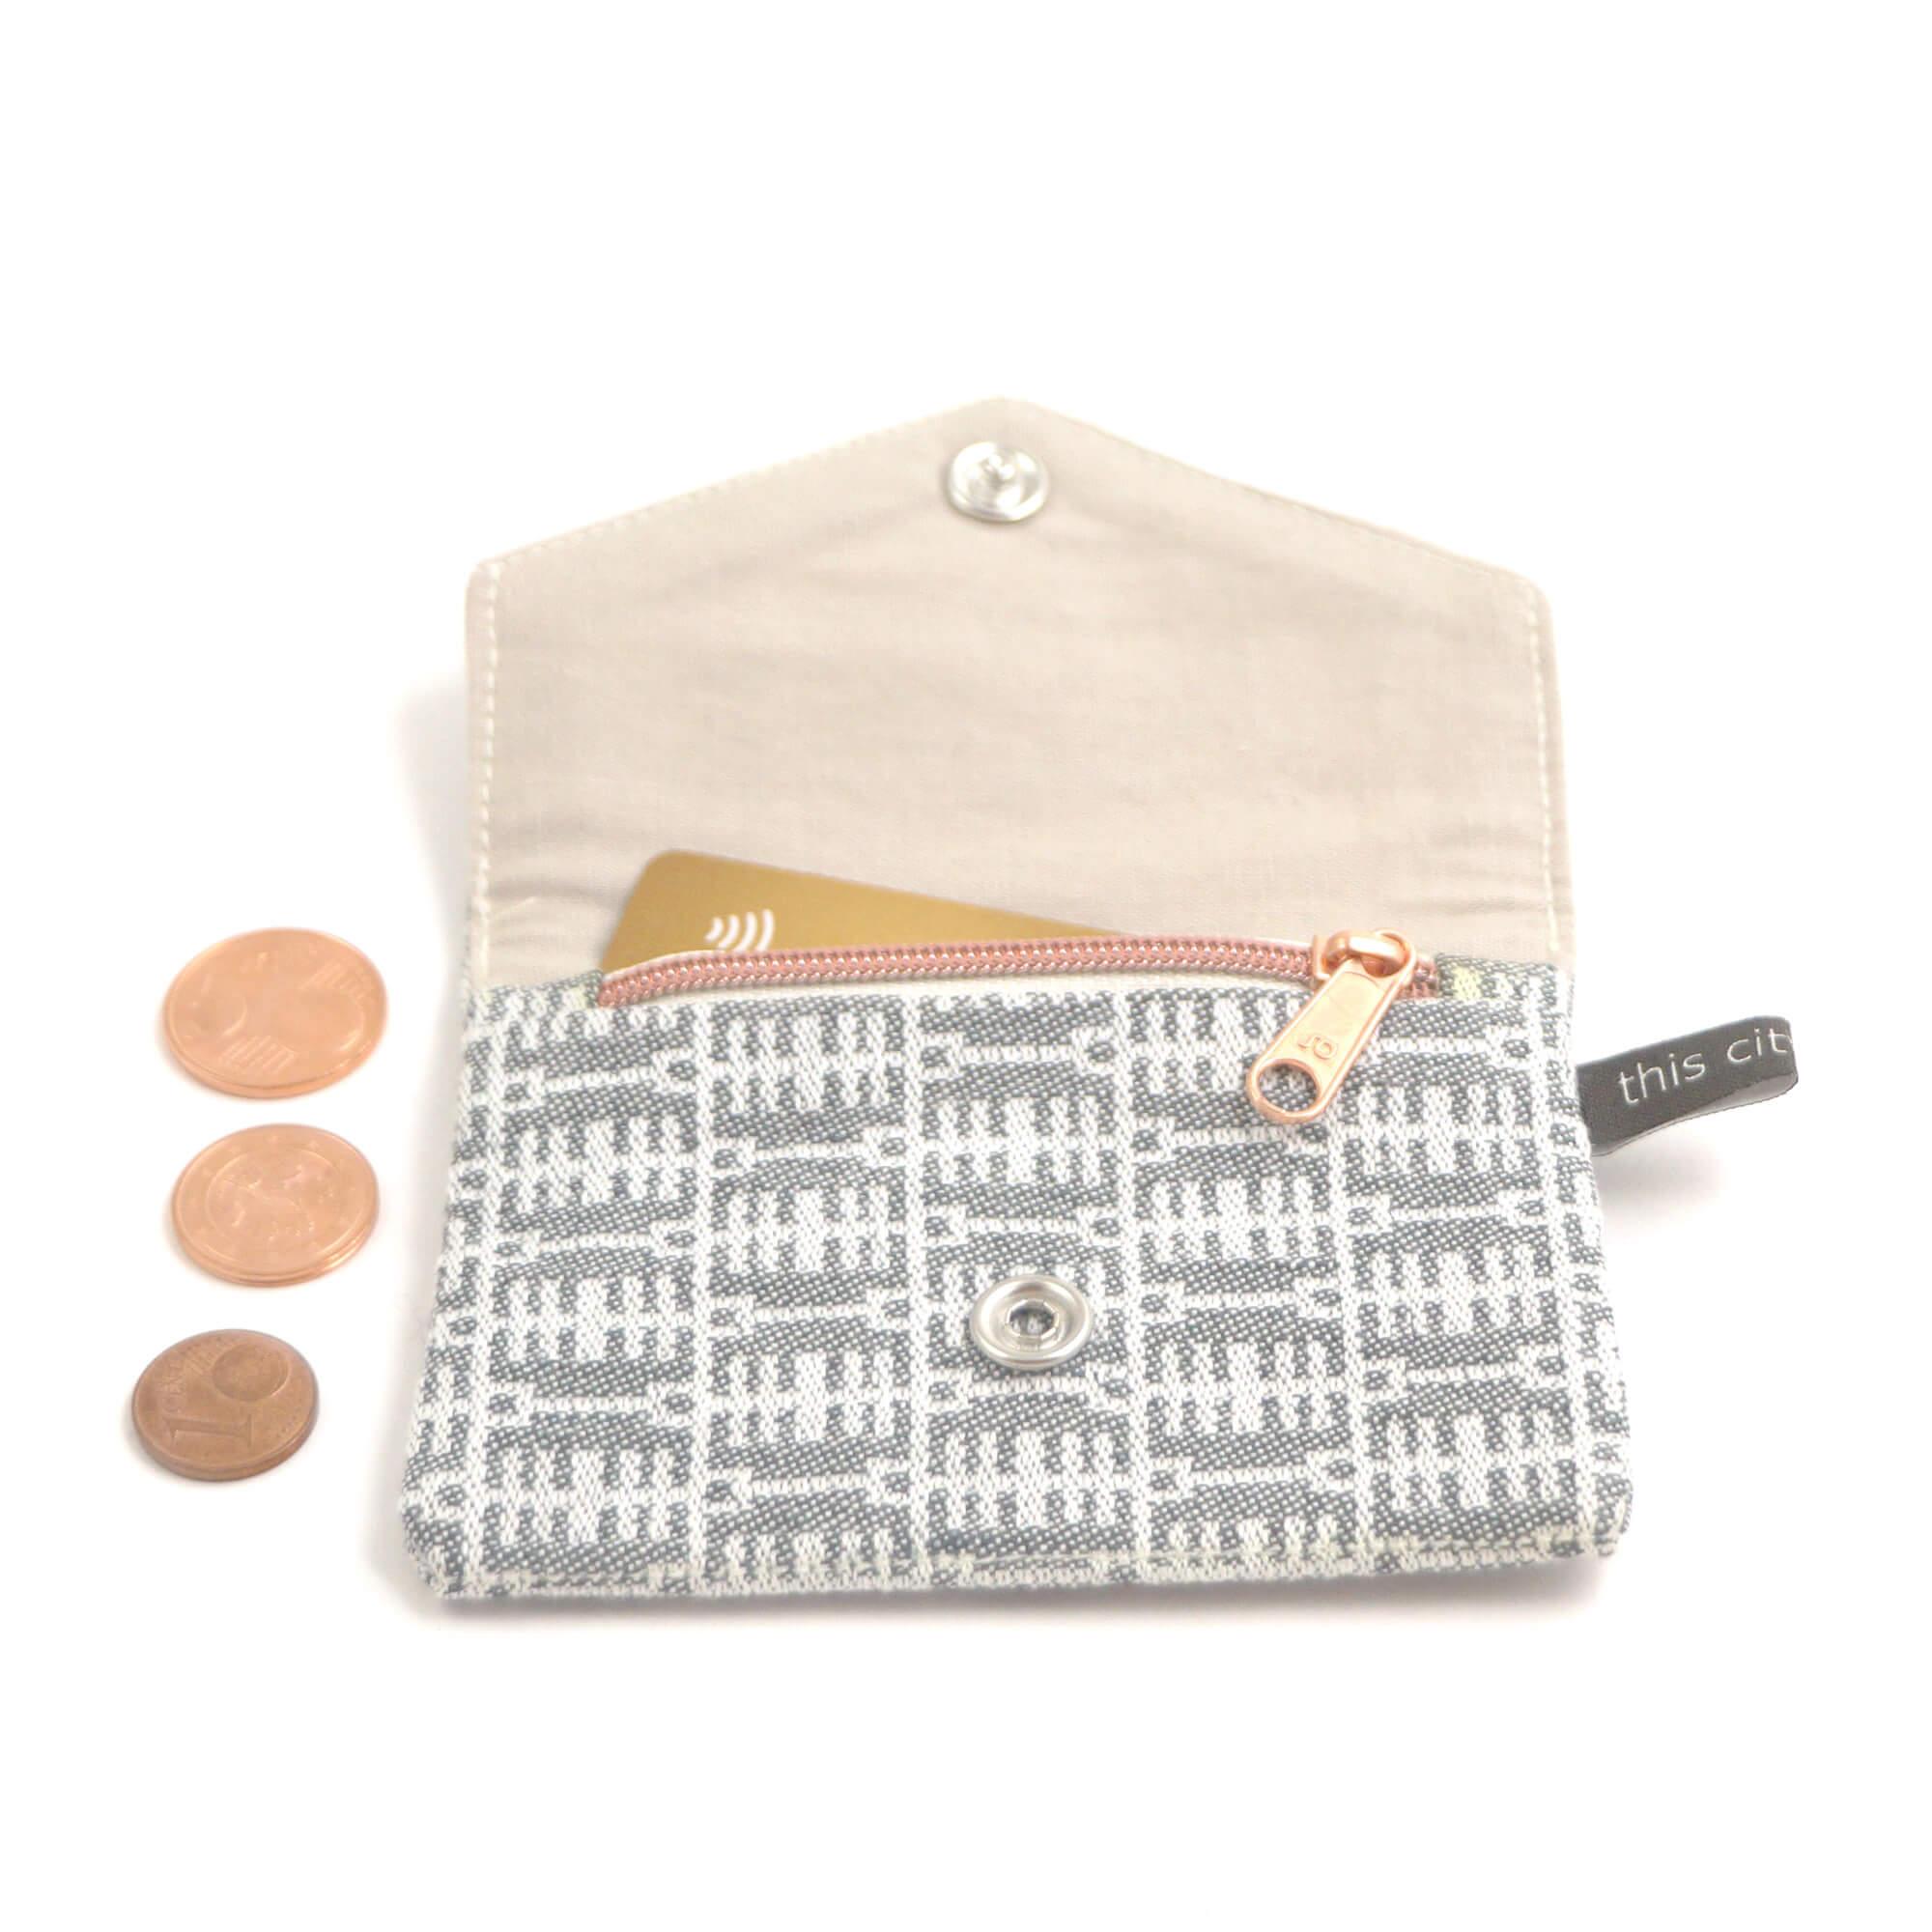 Kleine Geldbörse mit Reißverschluss Tasche BT sw